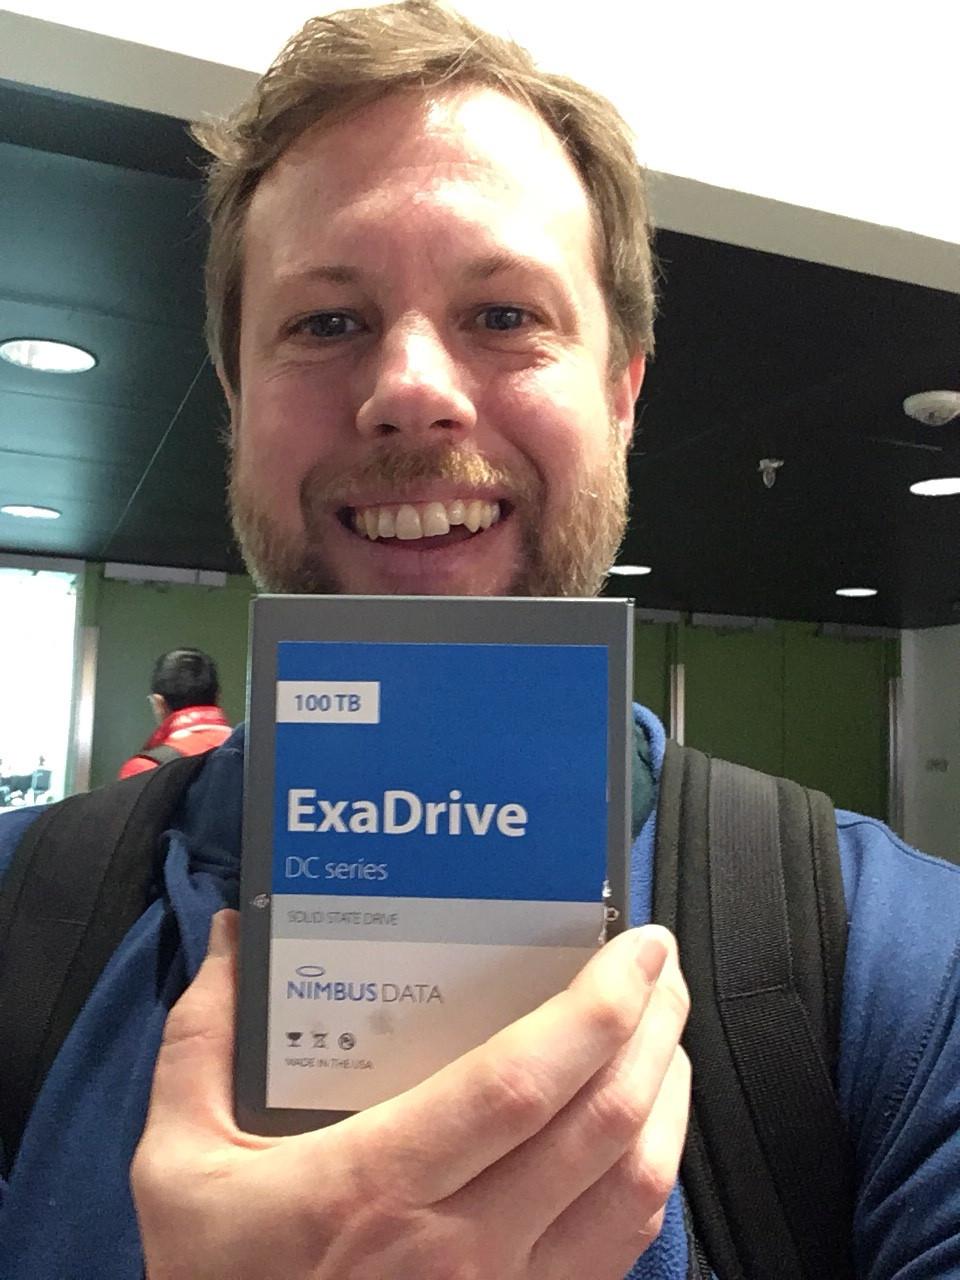 Hình chụp ông Ariel, Giám đốc Chuỗi Cung ứng của Backblaze, đang cầm trên tay ổ đĩa thể rắn dung lượng lớn nhất thế giới - SSD Nimbus Data 100TB.